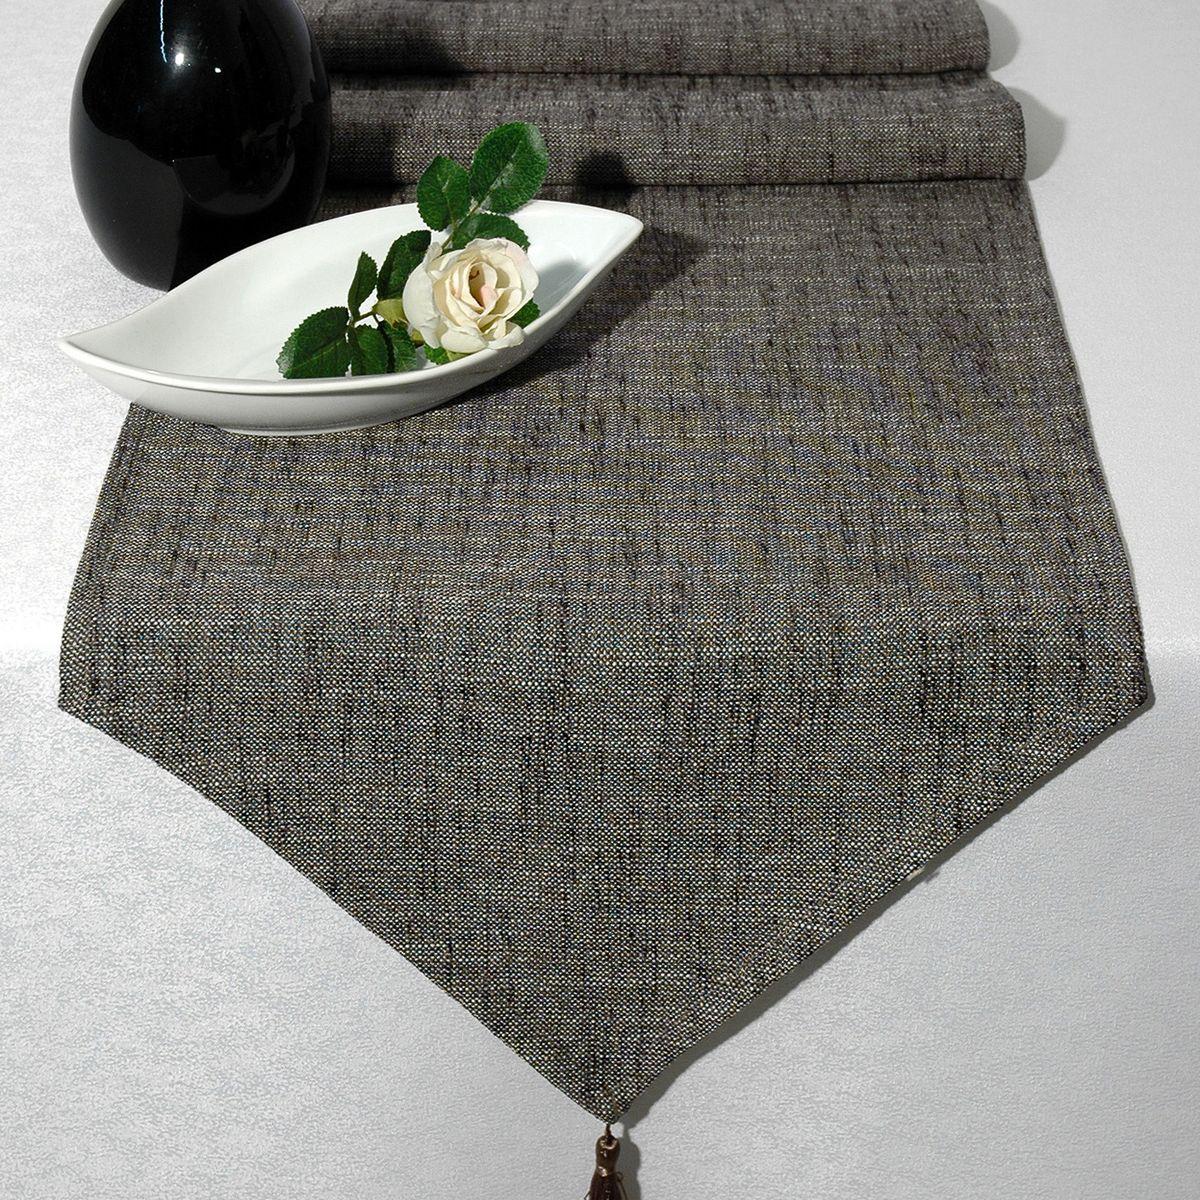 Дорожка для декорирования стола Schaefer, 40x160 см. 06750-25406750-254